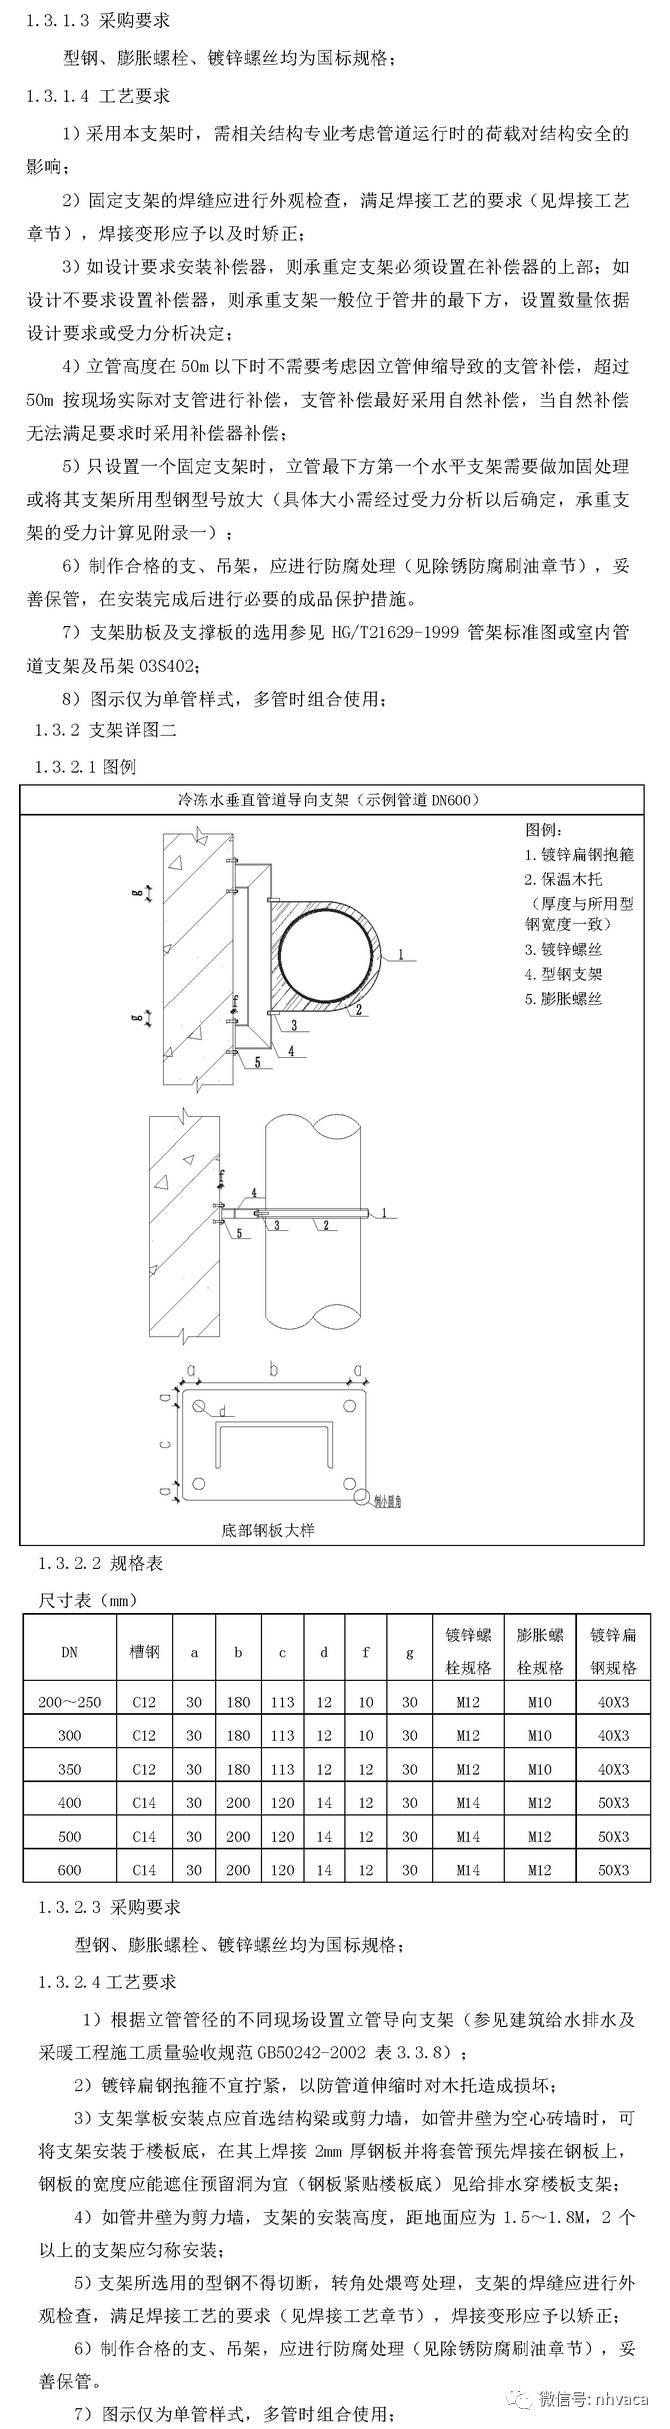 暖通空调施工工艺标准图集(53张图)_2